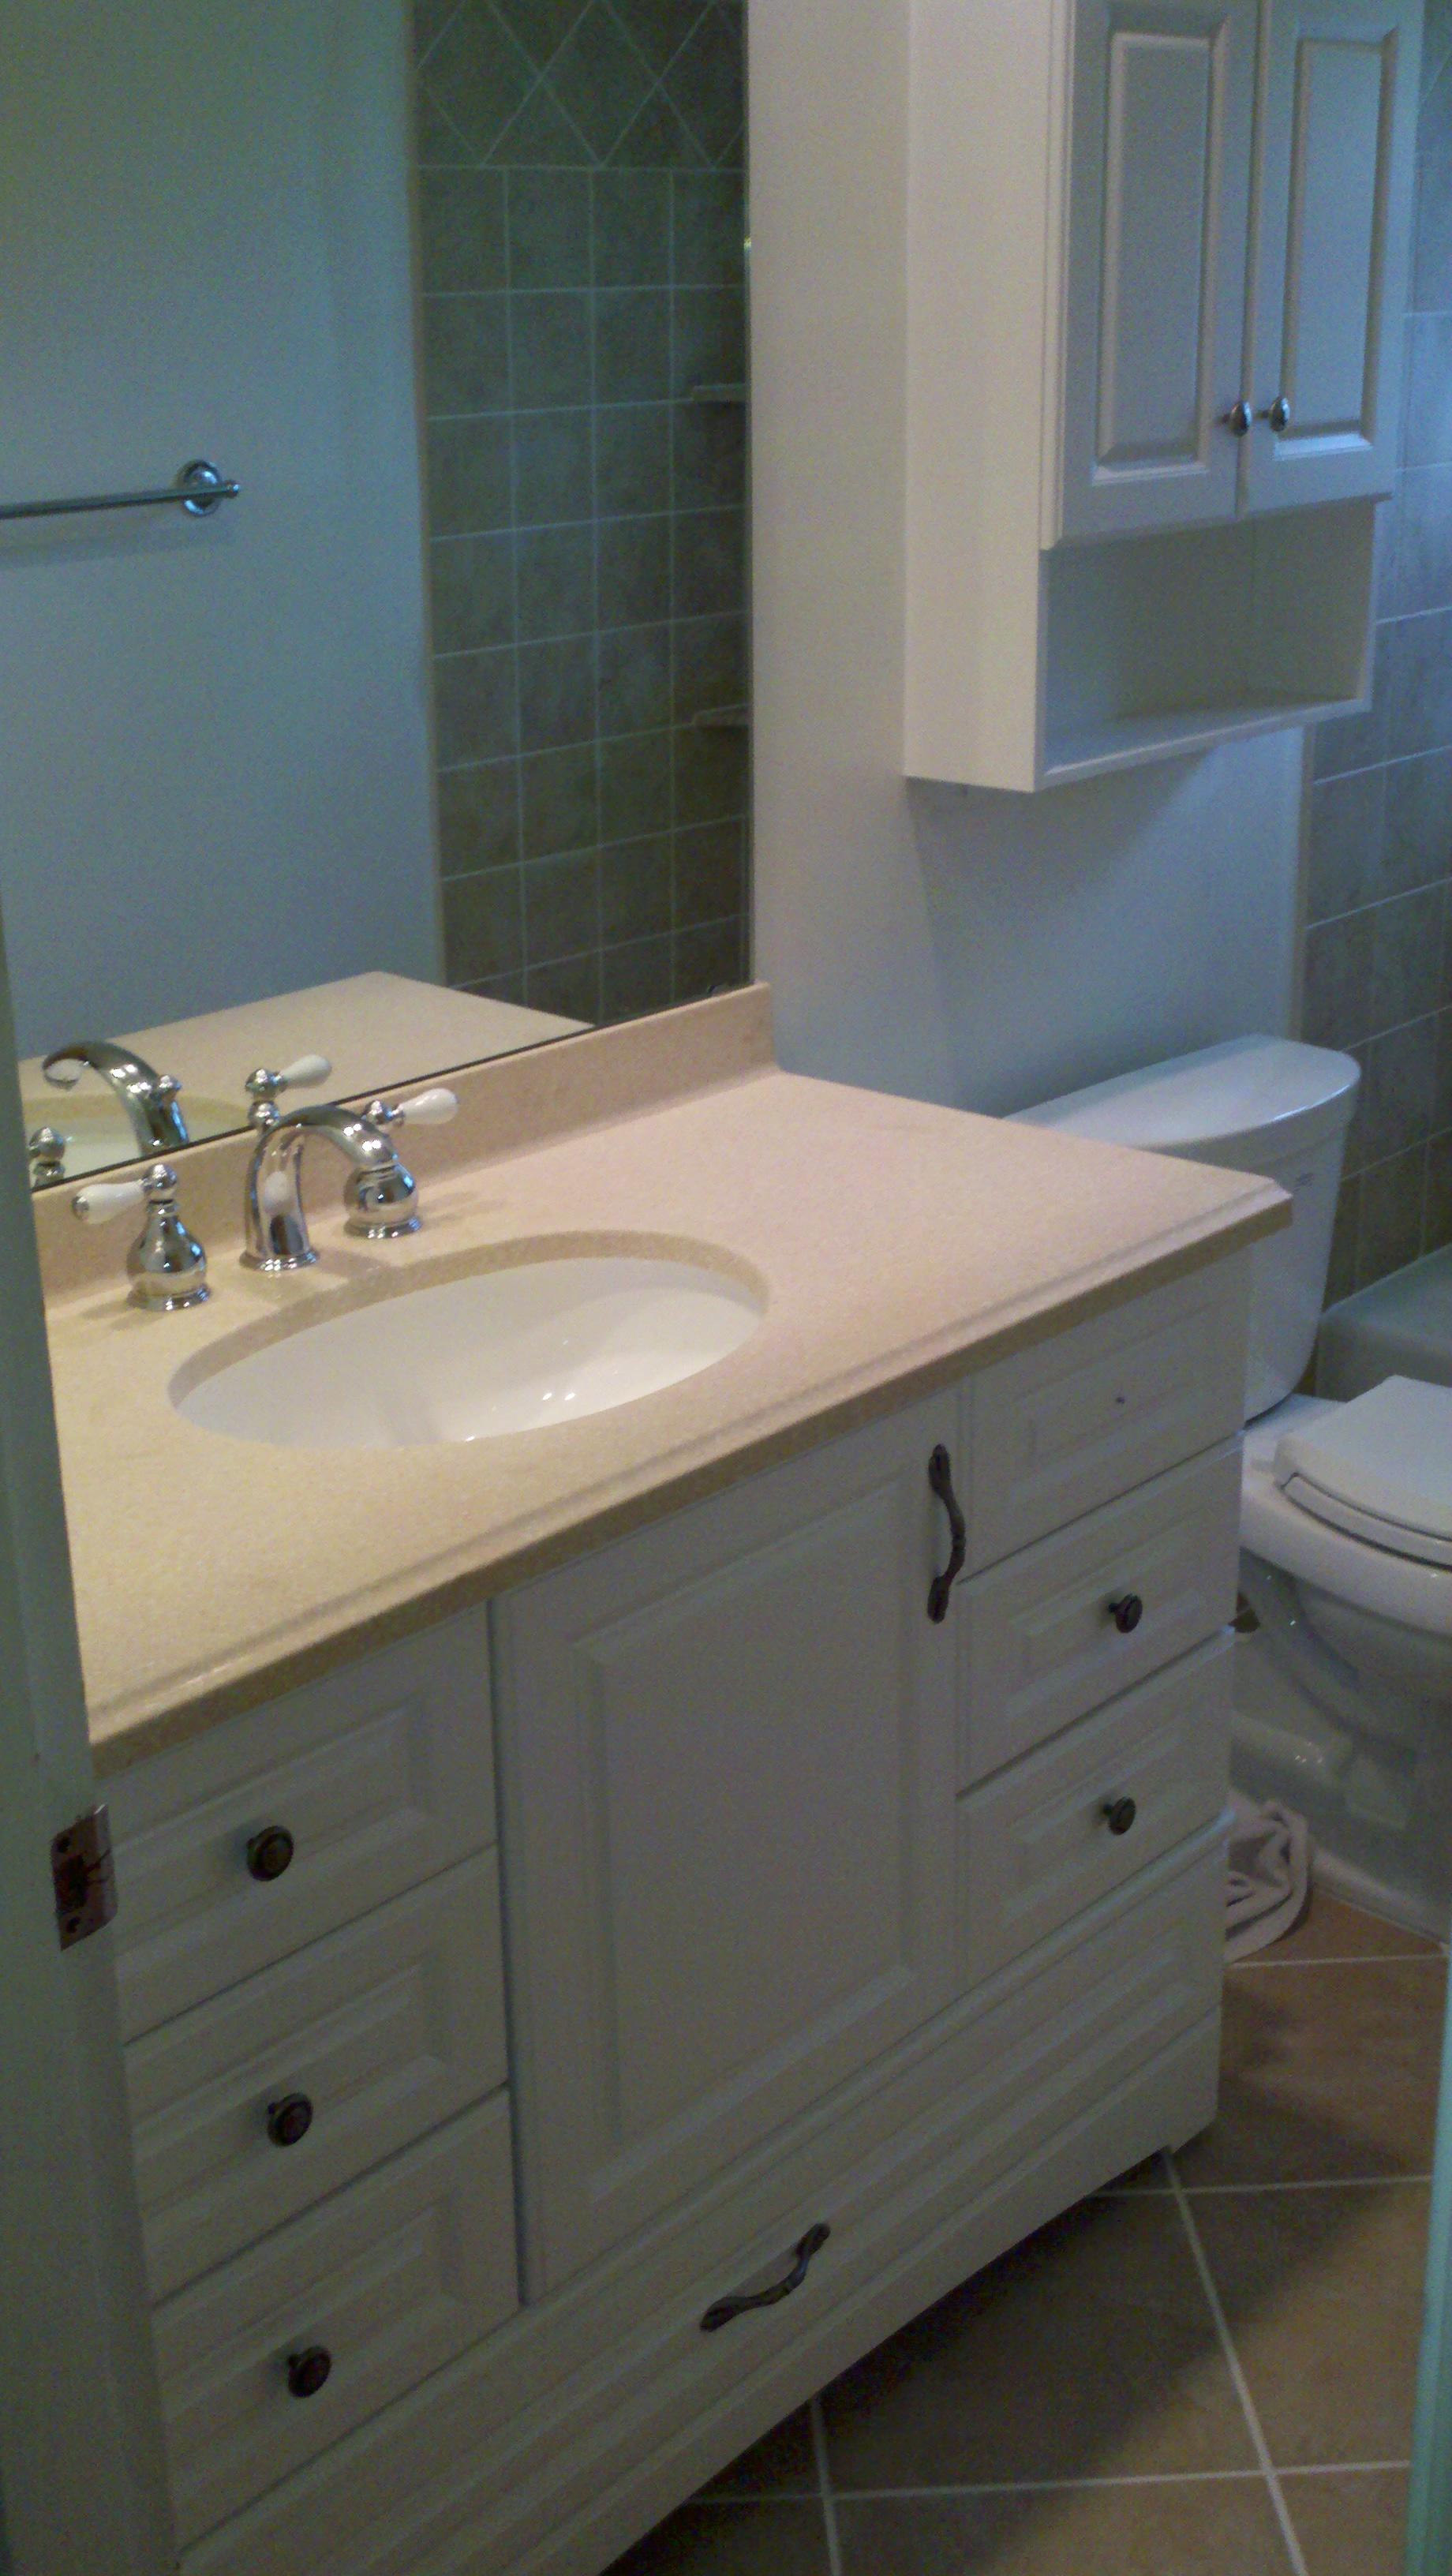 Georgetown Vanity Cabinetry